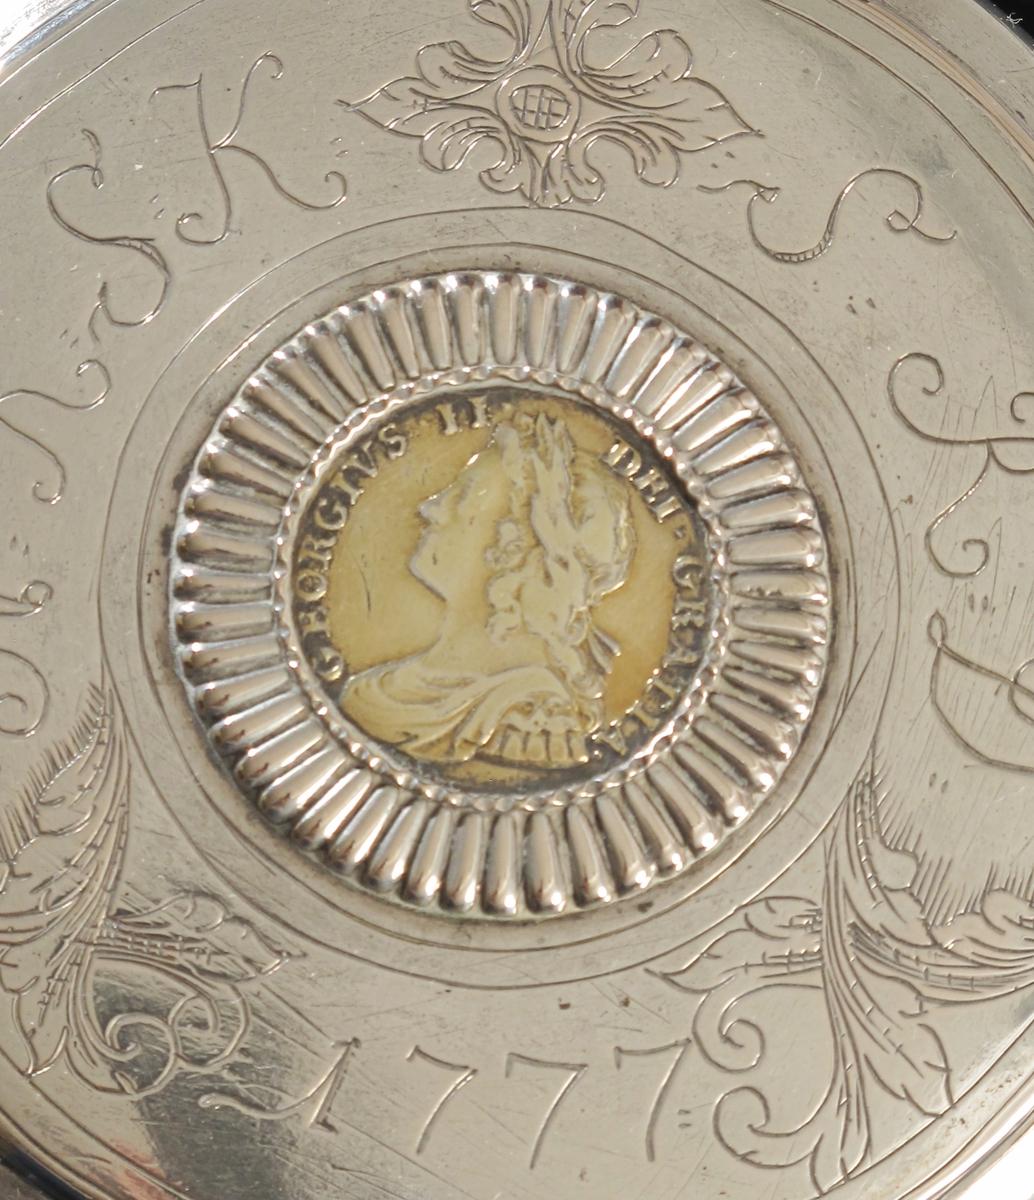 """Stentøykrus m. sølvlokk.  Flatt lokk, rundet, profilert kant, på lokket  graver eierinitialer og årstall. mellom akantusblad. I midten mynt i radiært riflet innf. : Profilhode  og innskr.:   GLORGIUS II DEI GRATIA, reversen har  4 våbenskjold stilt i kors m. rosetter mellom og  """"ordenskors"""" i midten, samt innskr.:  A T. ET. E. 1734. M. B. F. ET. H. REX.   F.D.B. ET. L. D. S. R. I.  Som lokkgrep blad m. opprullede fliker.   Lokket montert på stentøykrus,  sylindrisk, nederst  bredt rillet feldt, brunt, deretter glatt, så  rillet lyst feldt, hanken buet."""